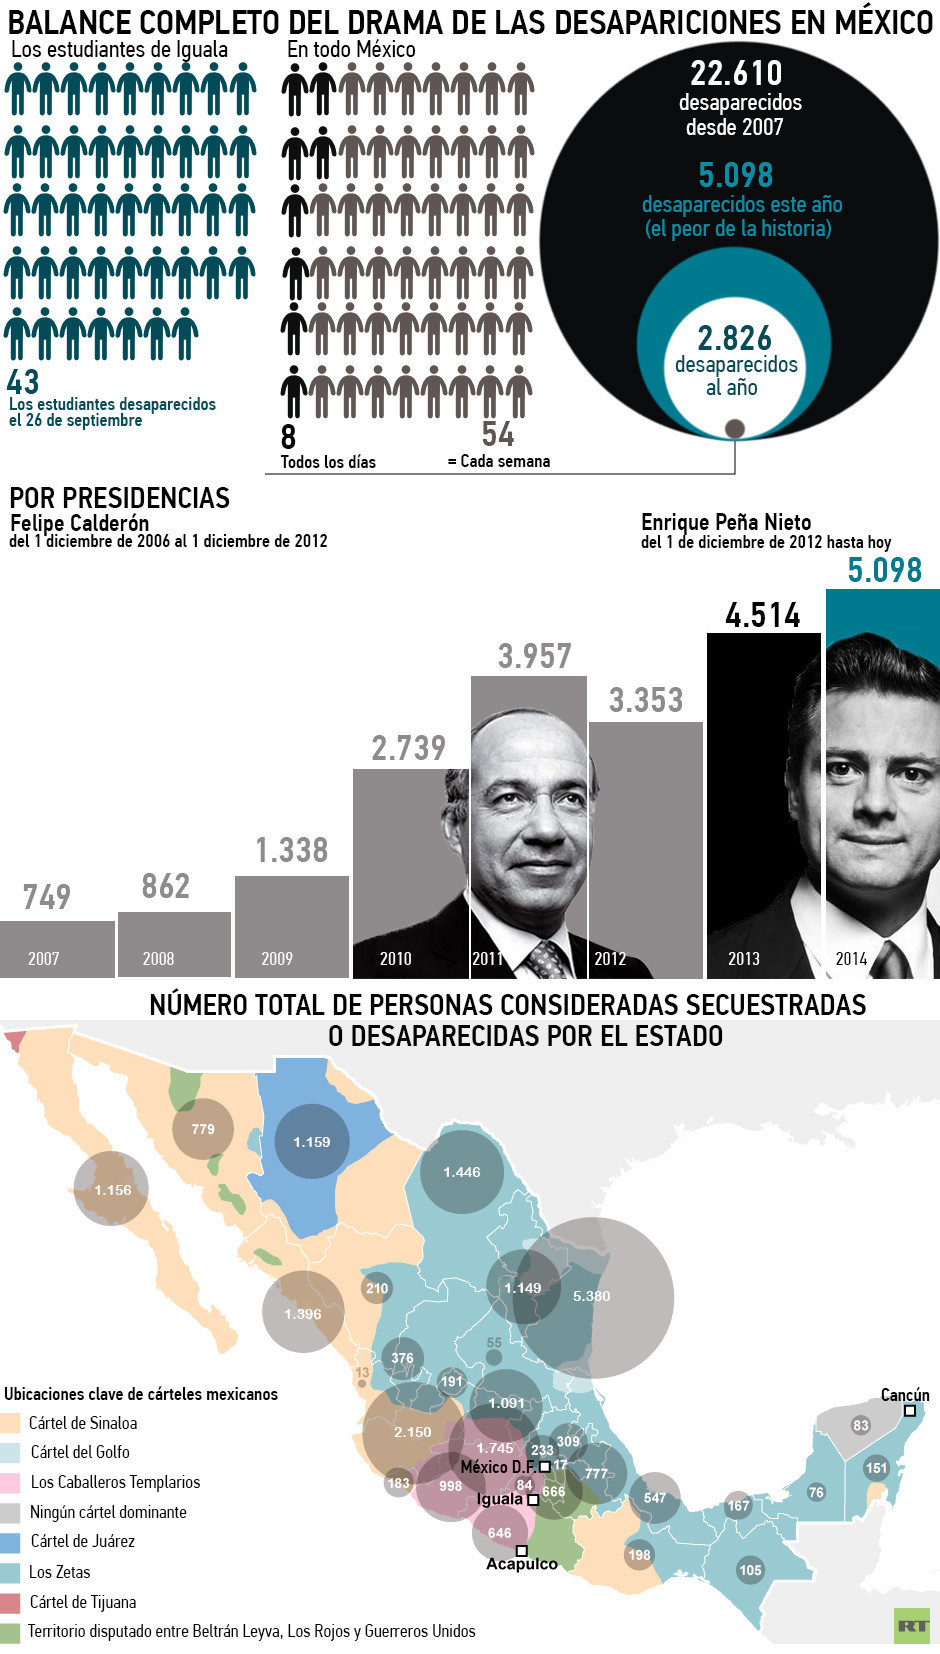 En la siguiente infografía se puede observar la situación de las desapariciones en México a finales de 2014.